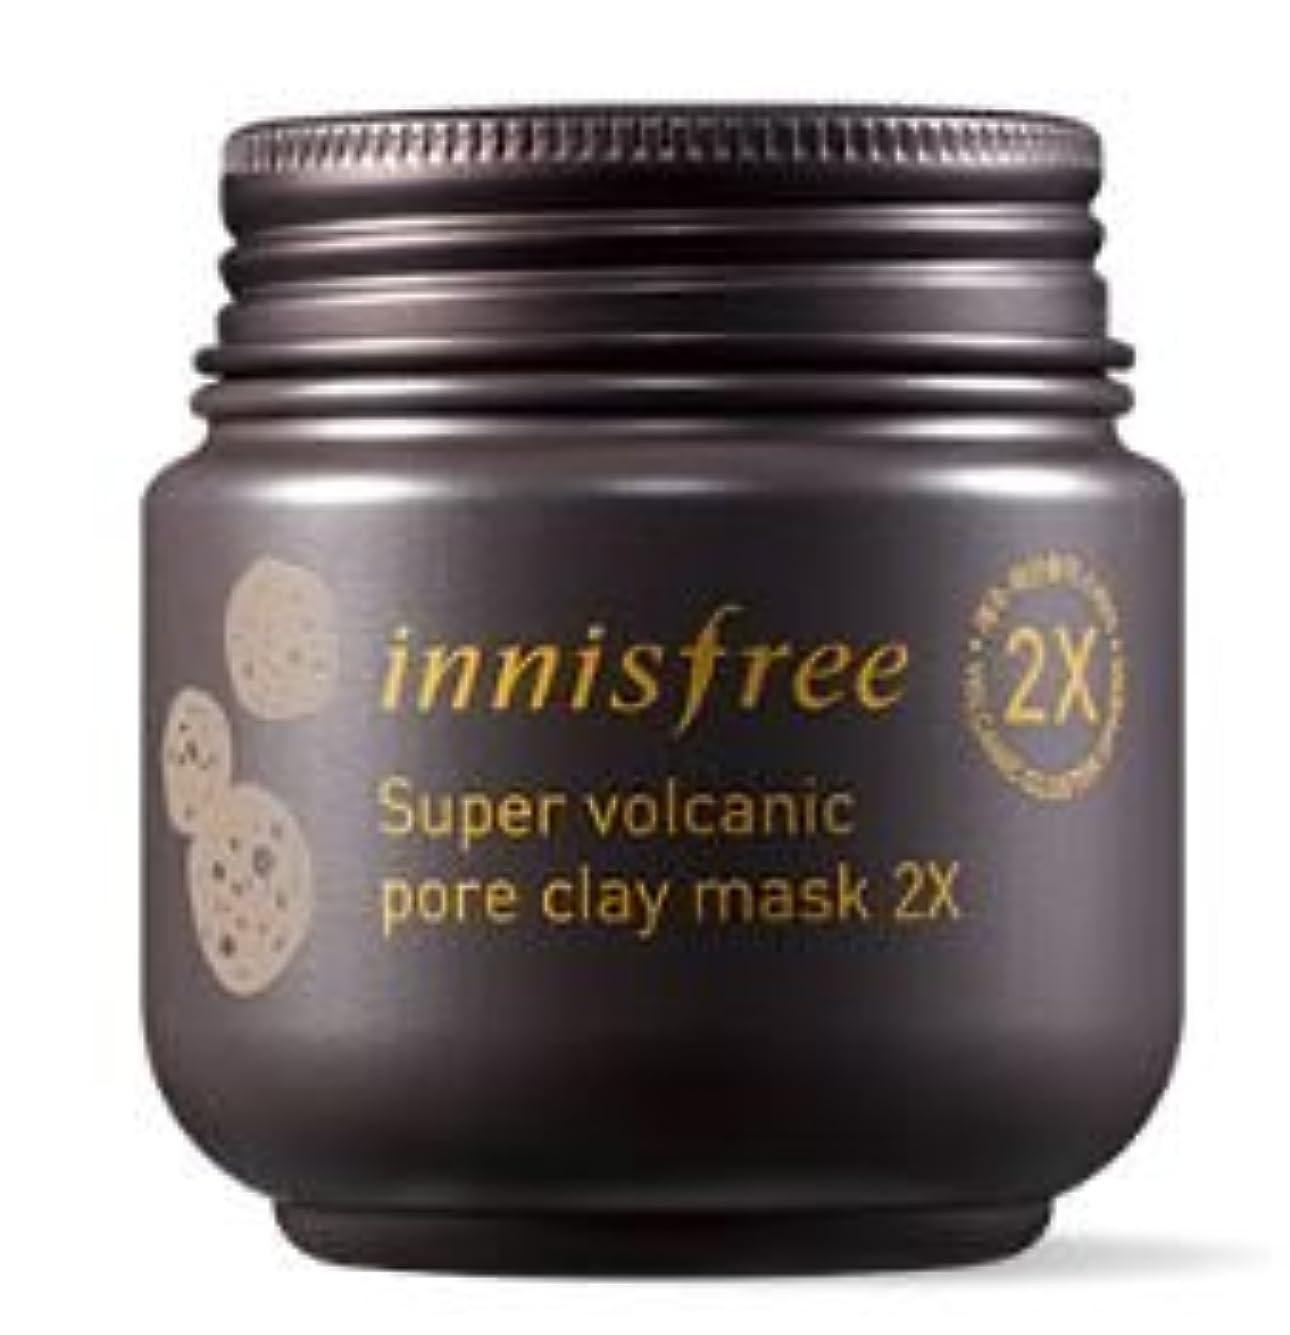 哀れな惑星名門★NEW★[innisfree] Super Volcanic Pore Clay Mask 2x 100ml [並行輸入品]